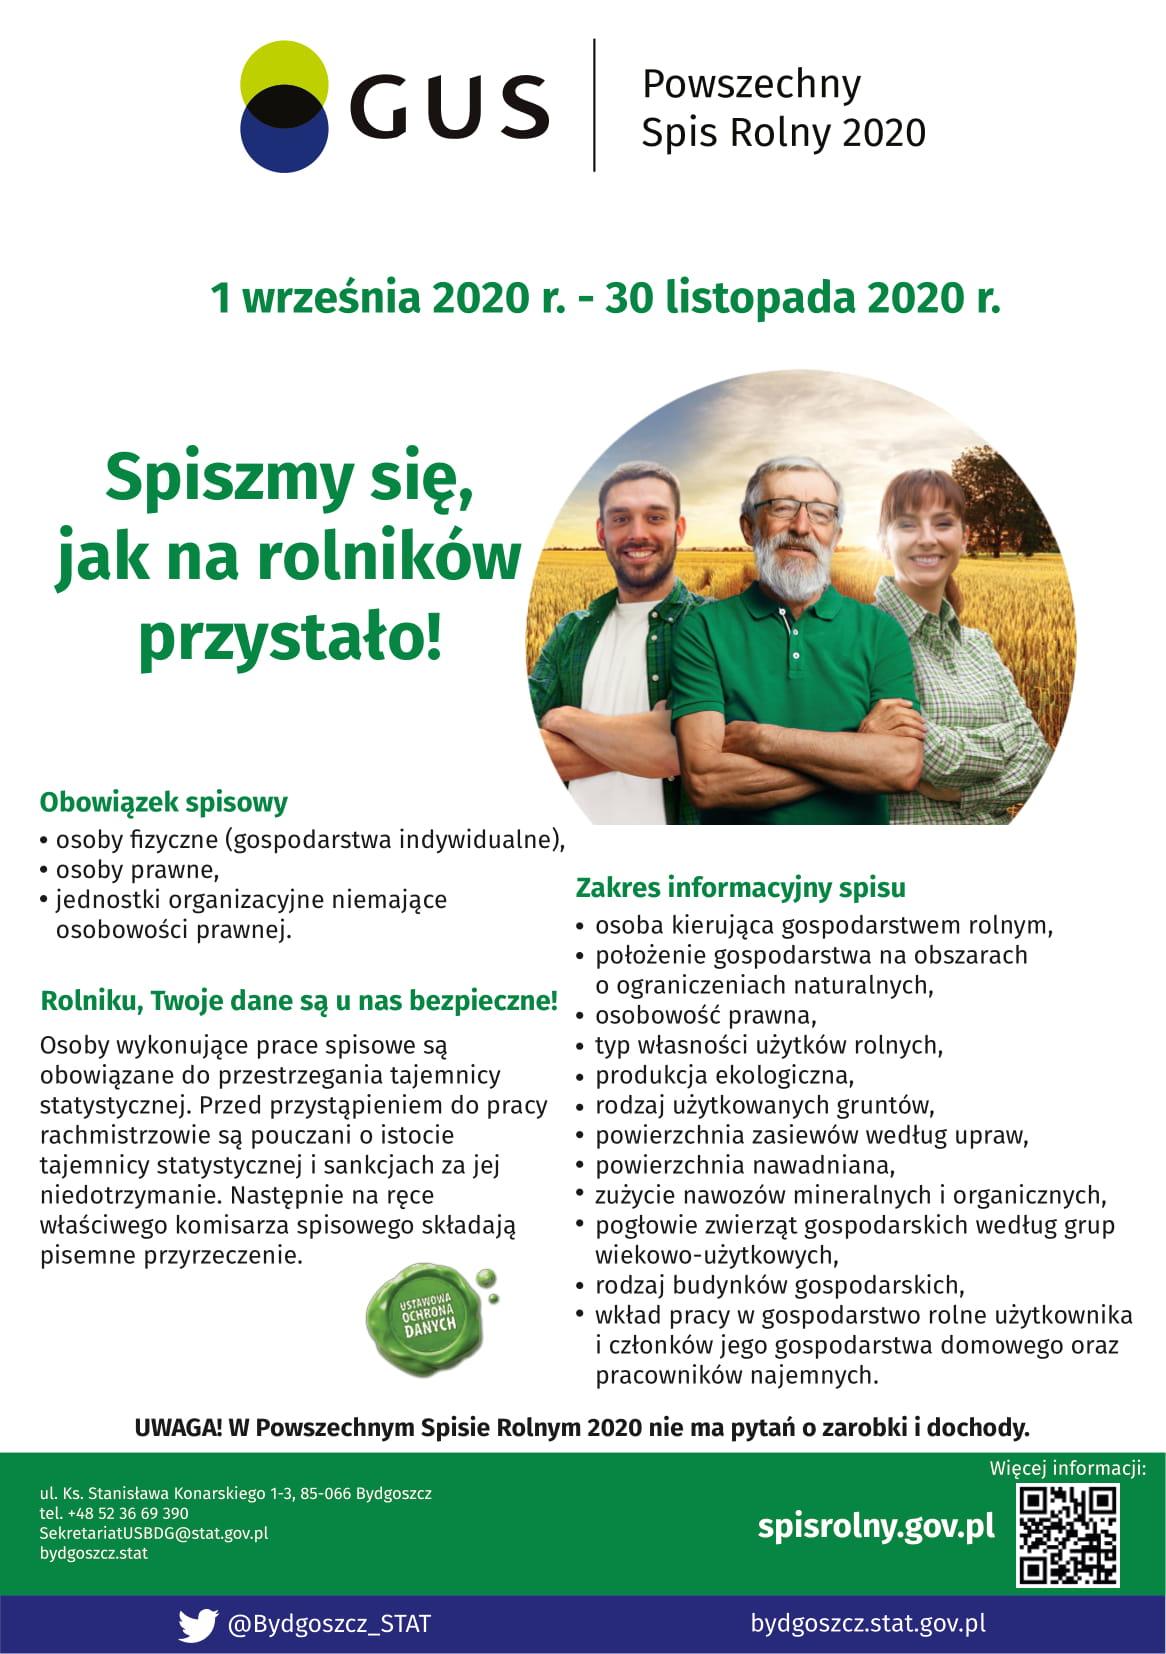 Ulotka informacyjna dotycząca Powszechnego Spisu Rolnego 2020